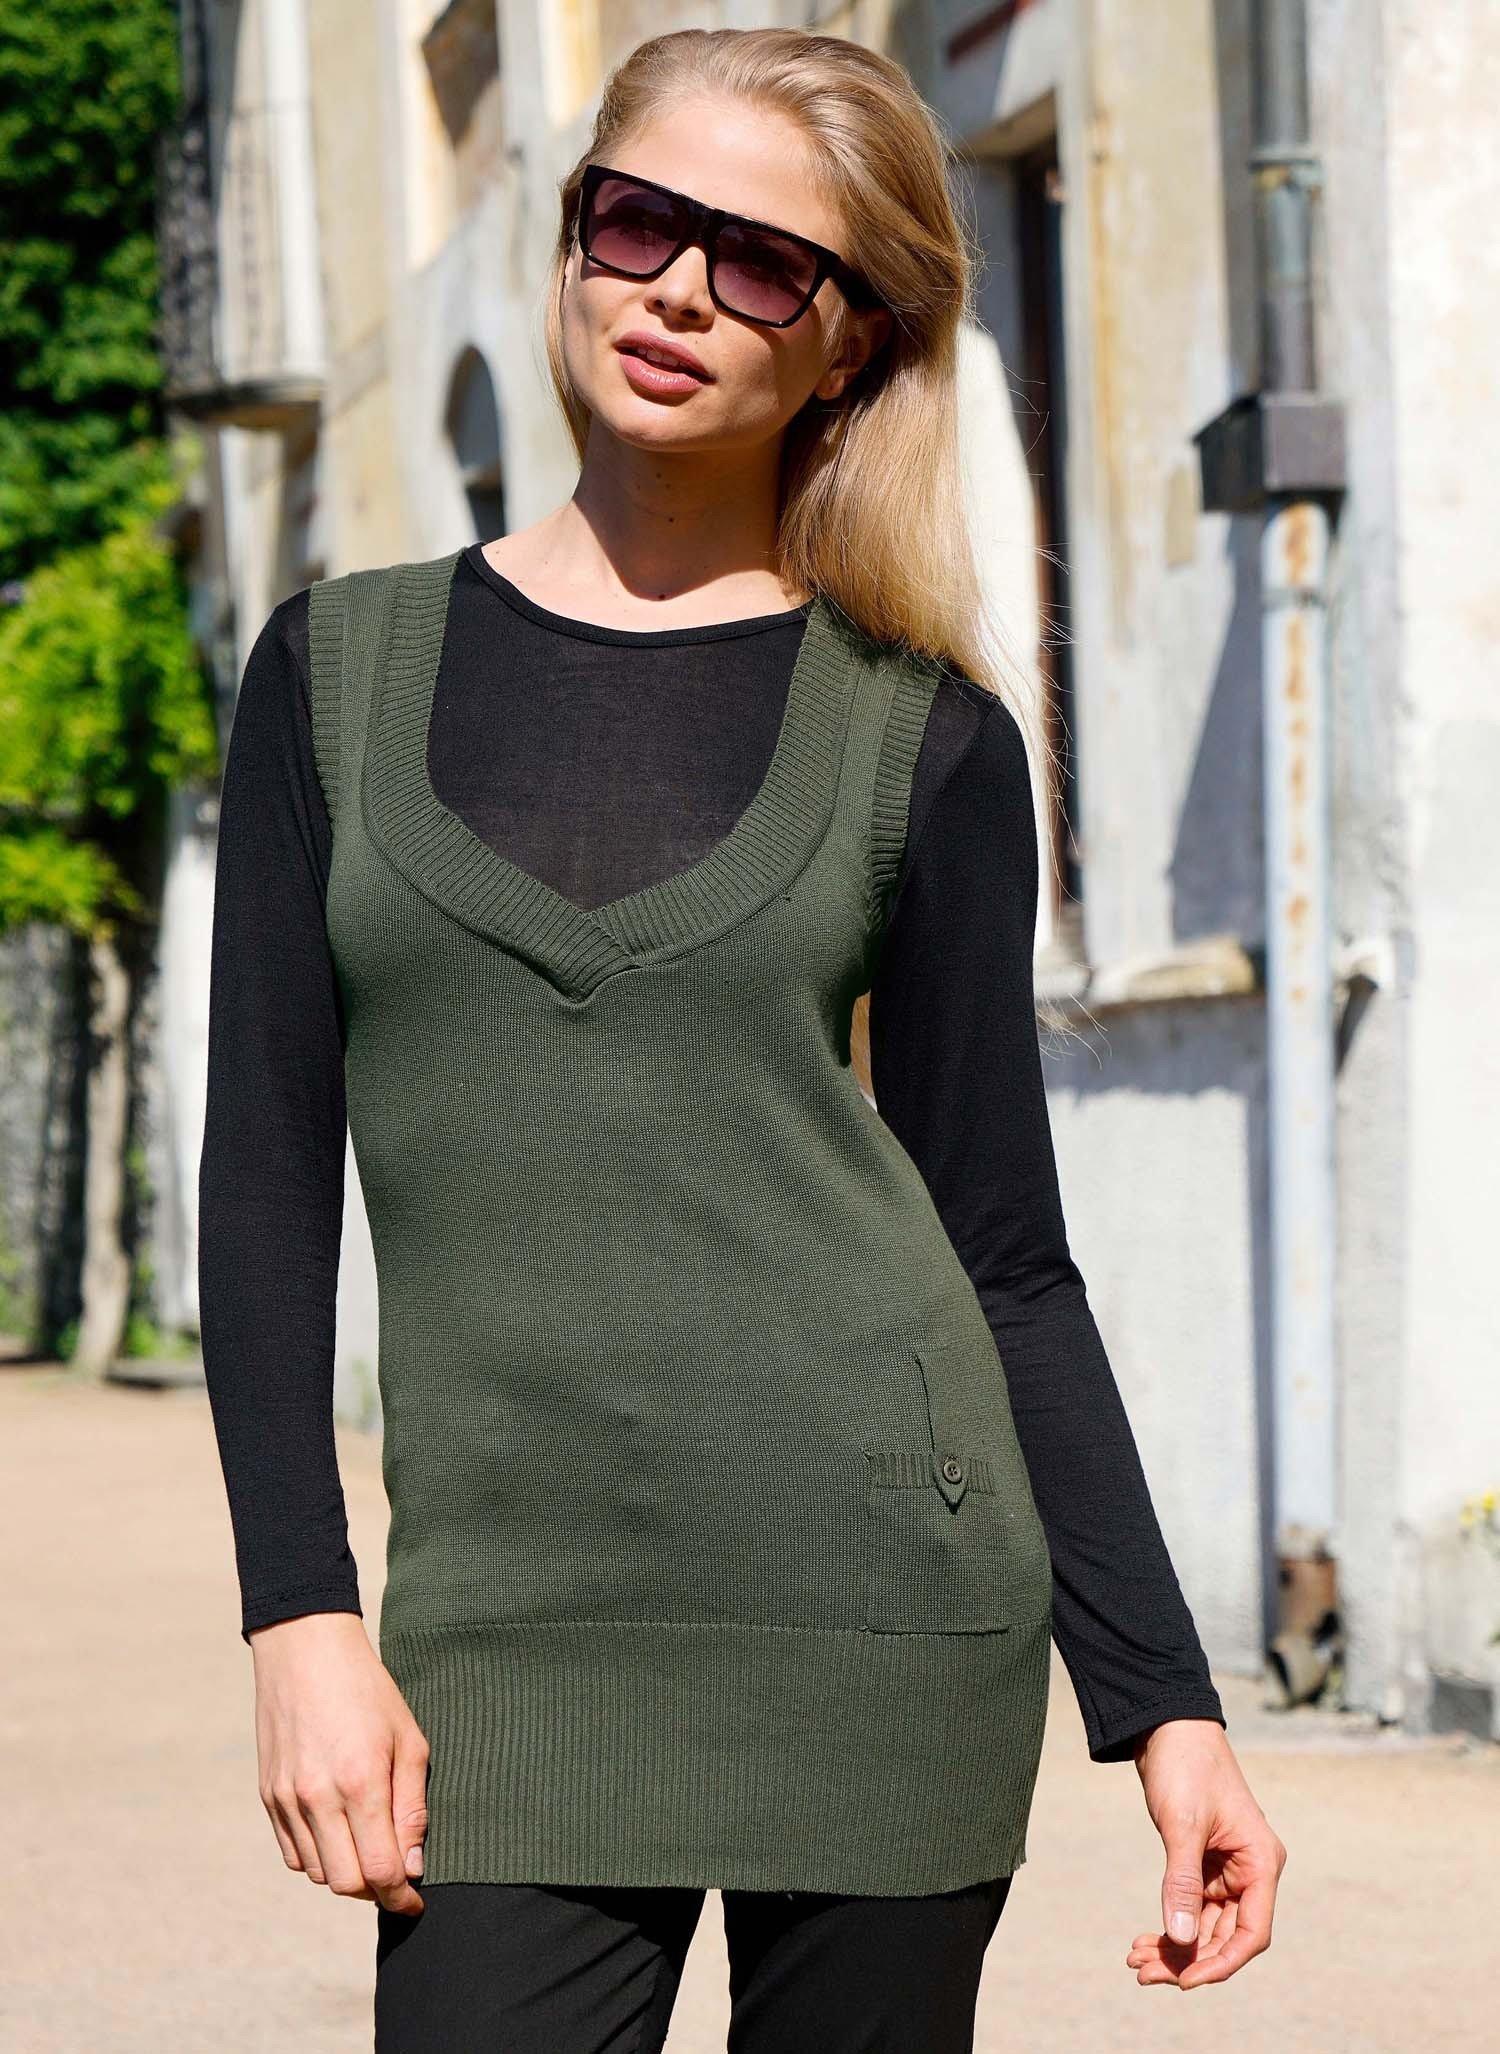 D-AL-Top-maglia,Tasca verde